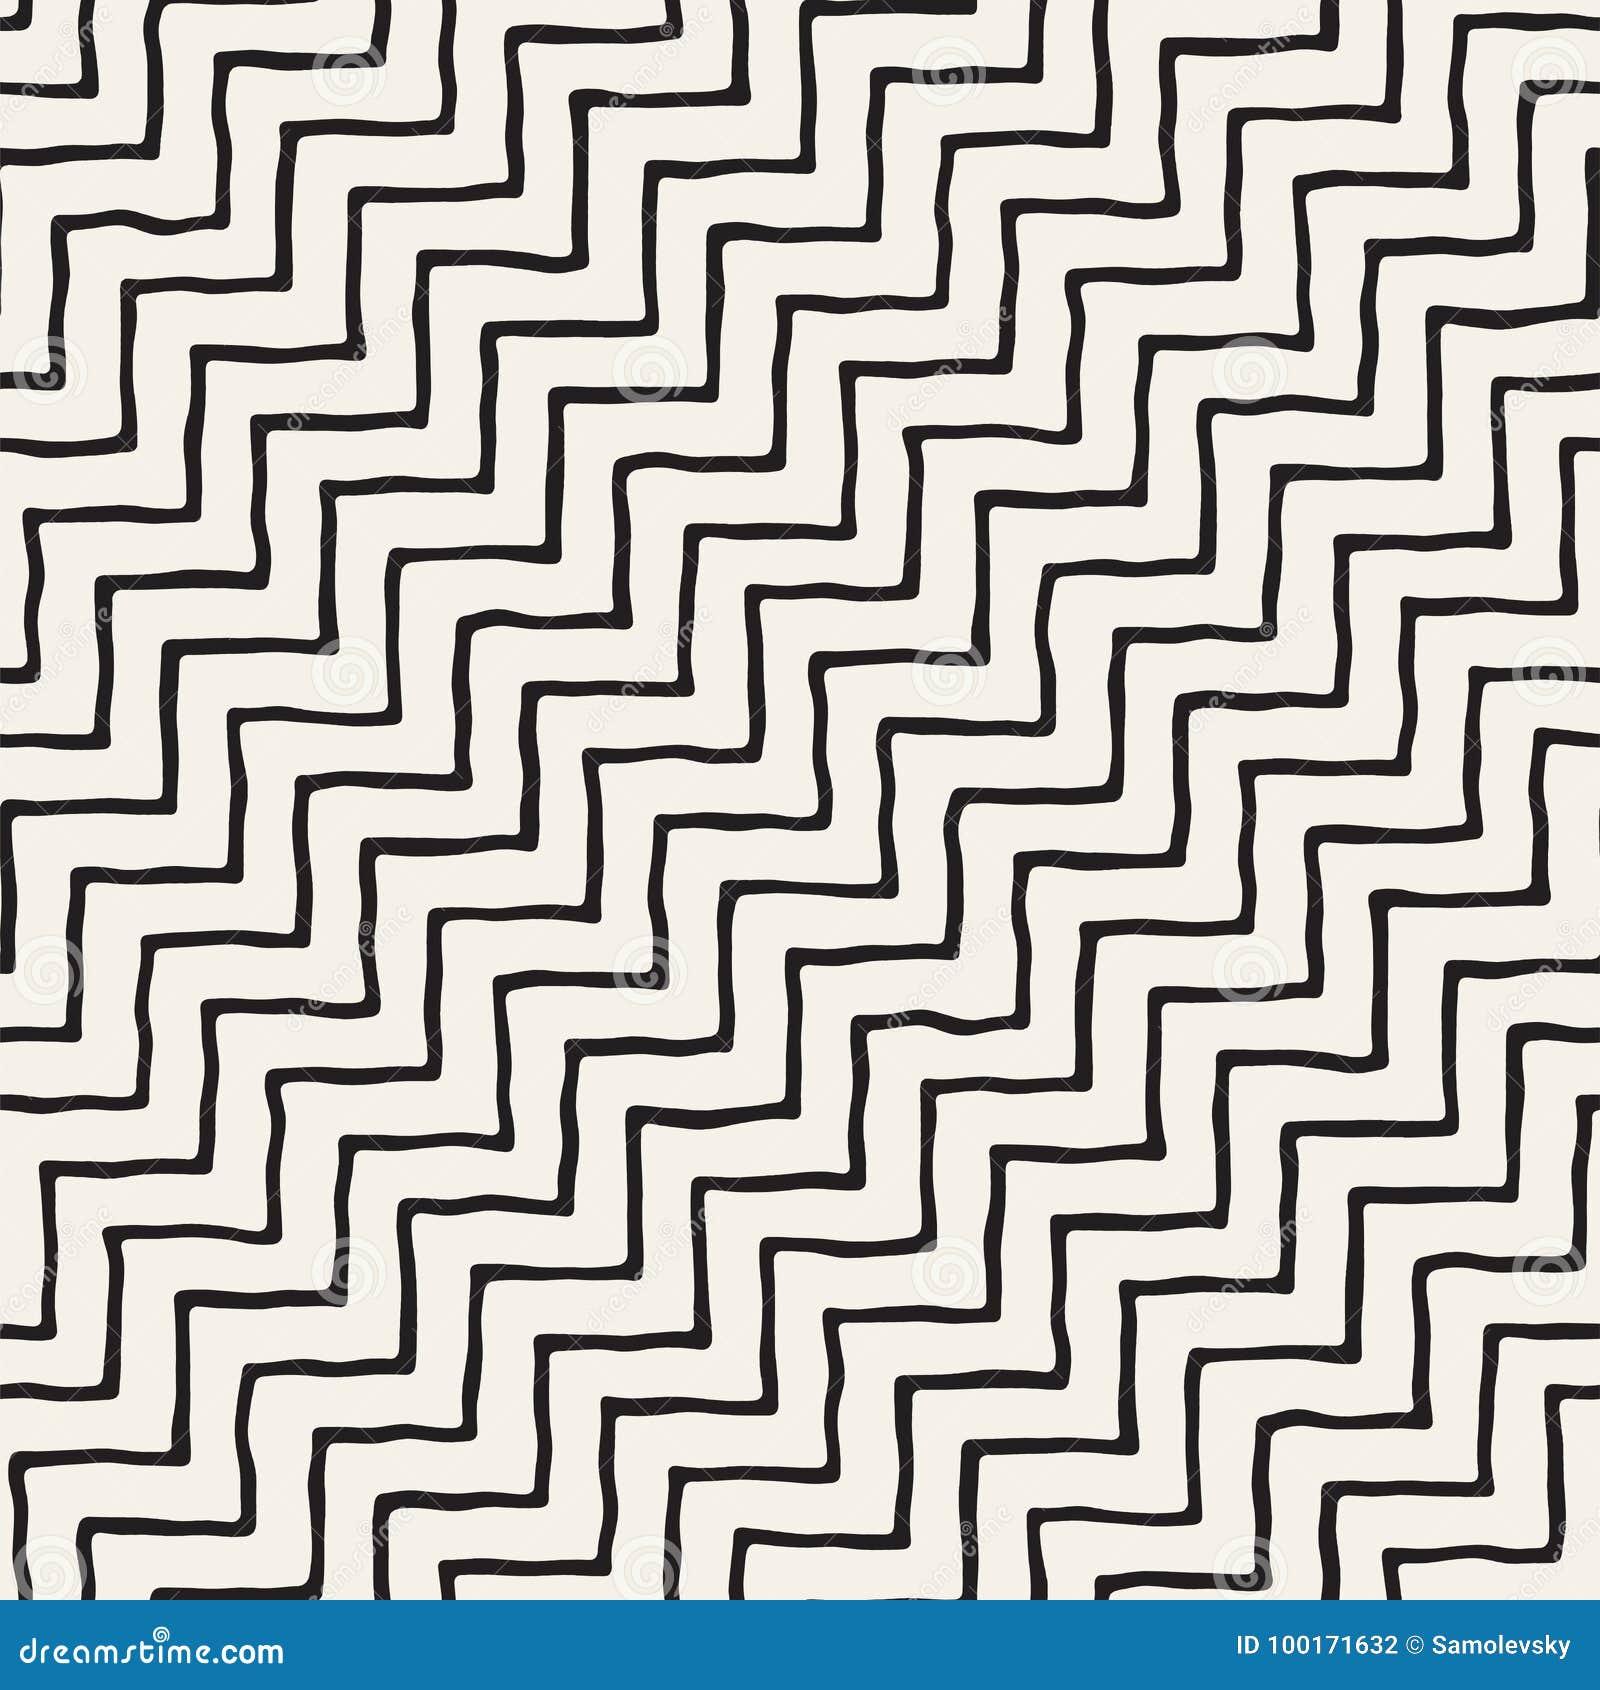 Carrelage Blanc Joint Noir configuration sans joint tirée par la main fond géométrique